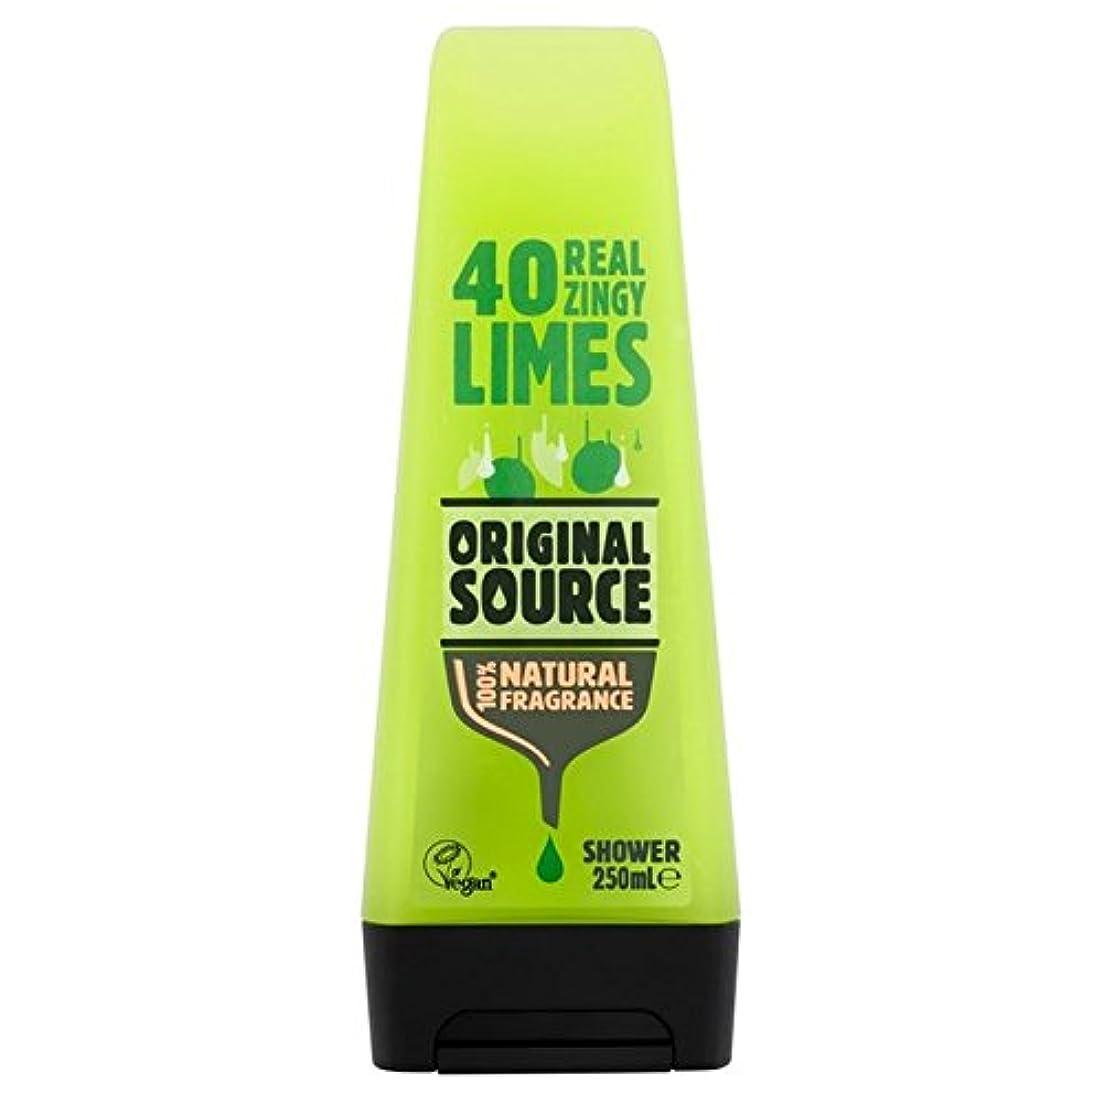 埋め込むあいまいな愛されし者元のソースライムシャワージェル250ミリリットル x2 - Original Source Lime Shower Gel 250ml (Pack of 2) [並行輸入品]